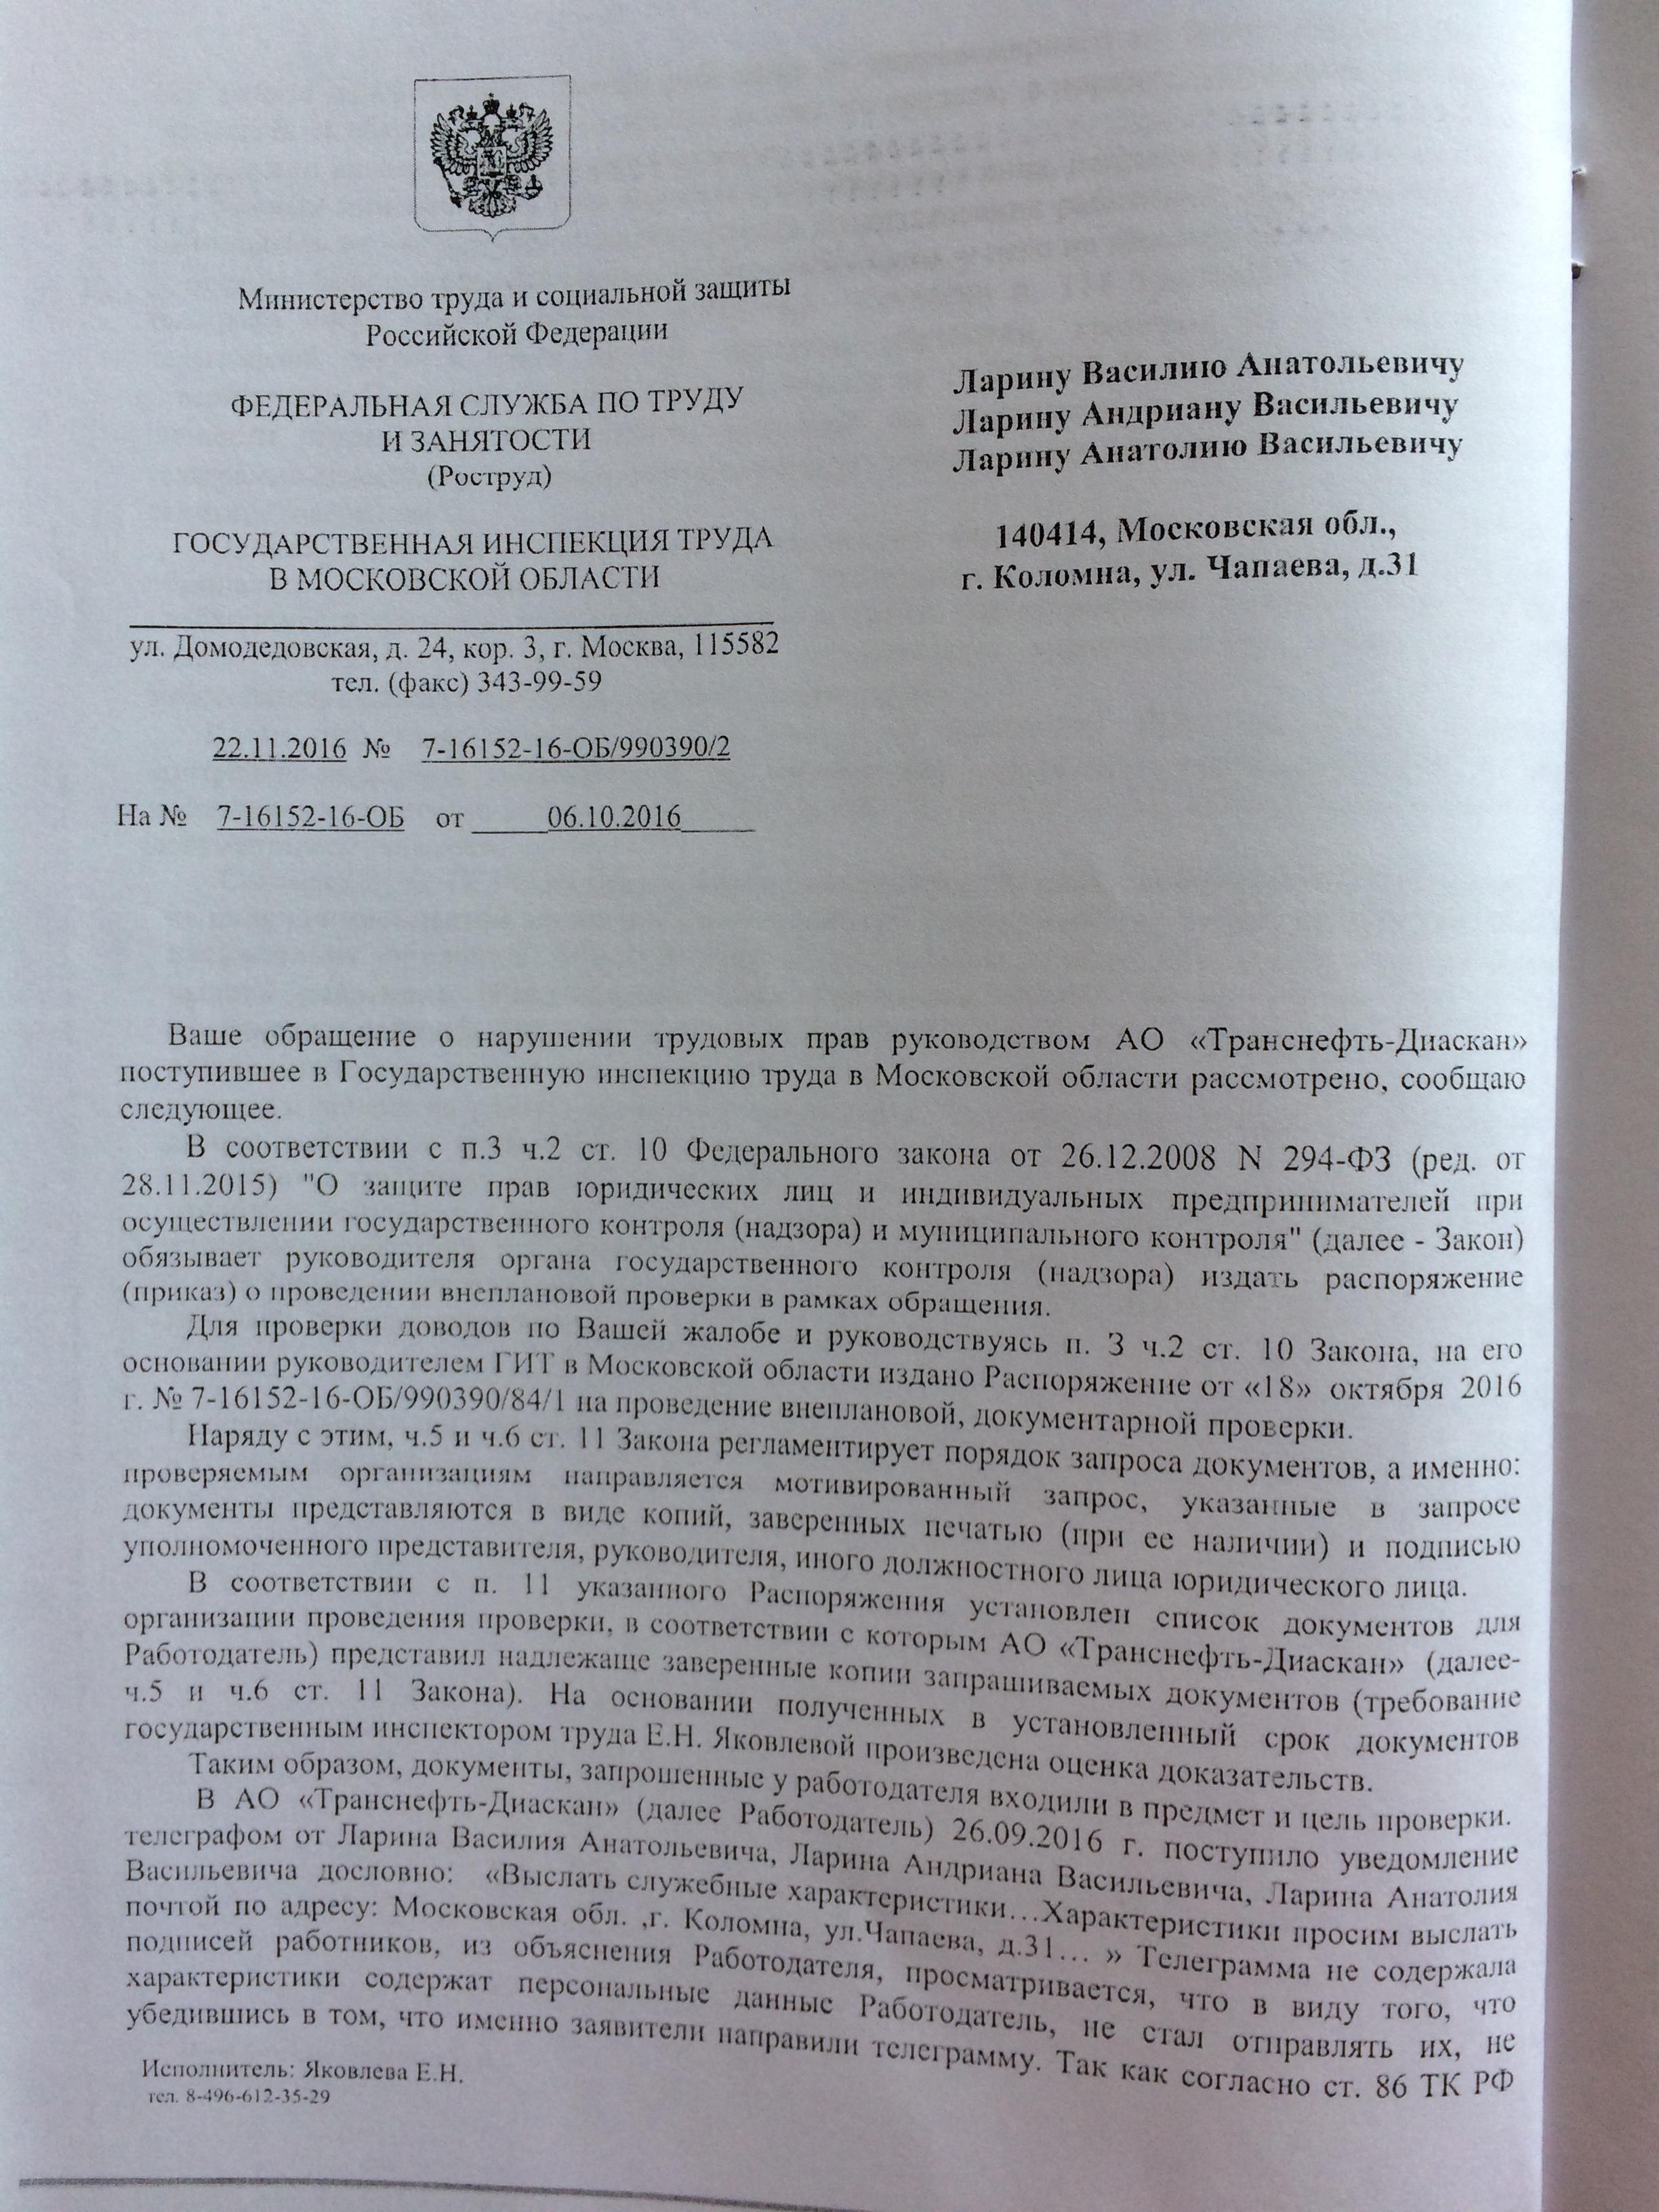 Фото документов проверки Луховицкой городской прокуратурой - 128 (5)